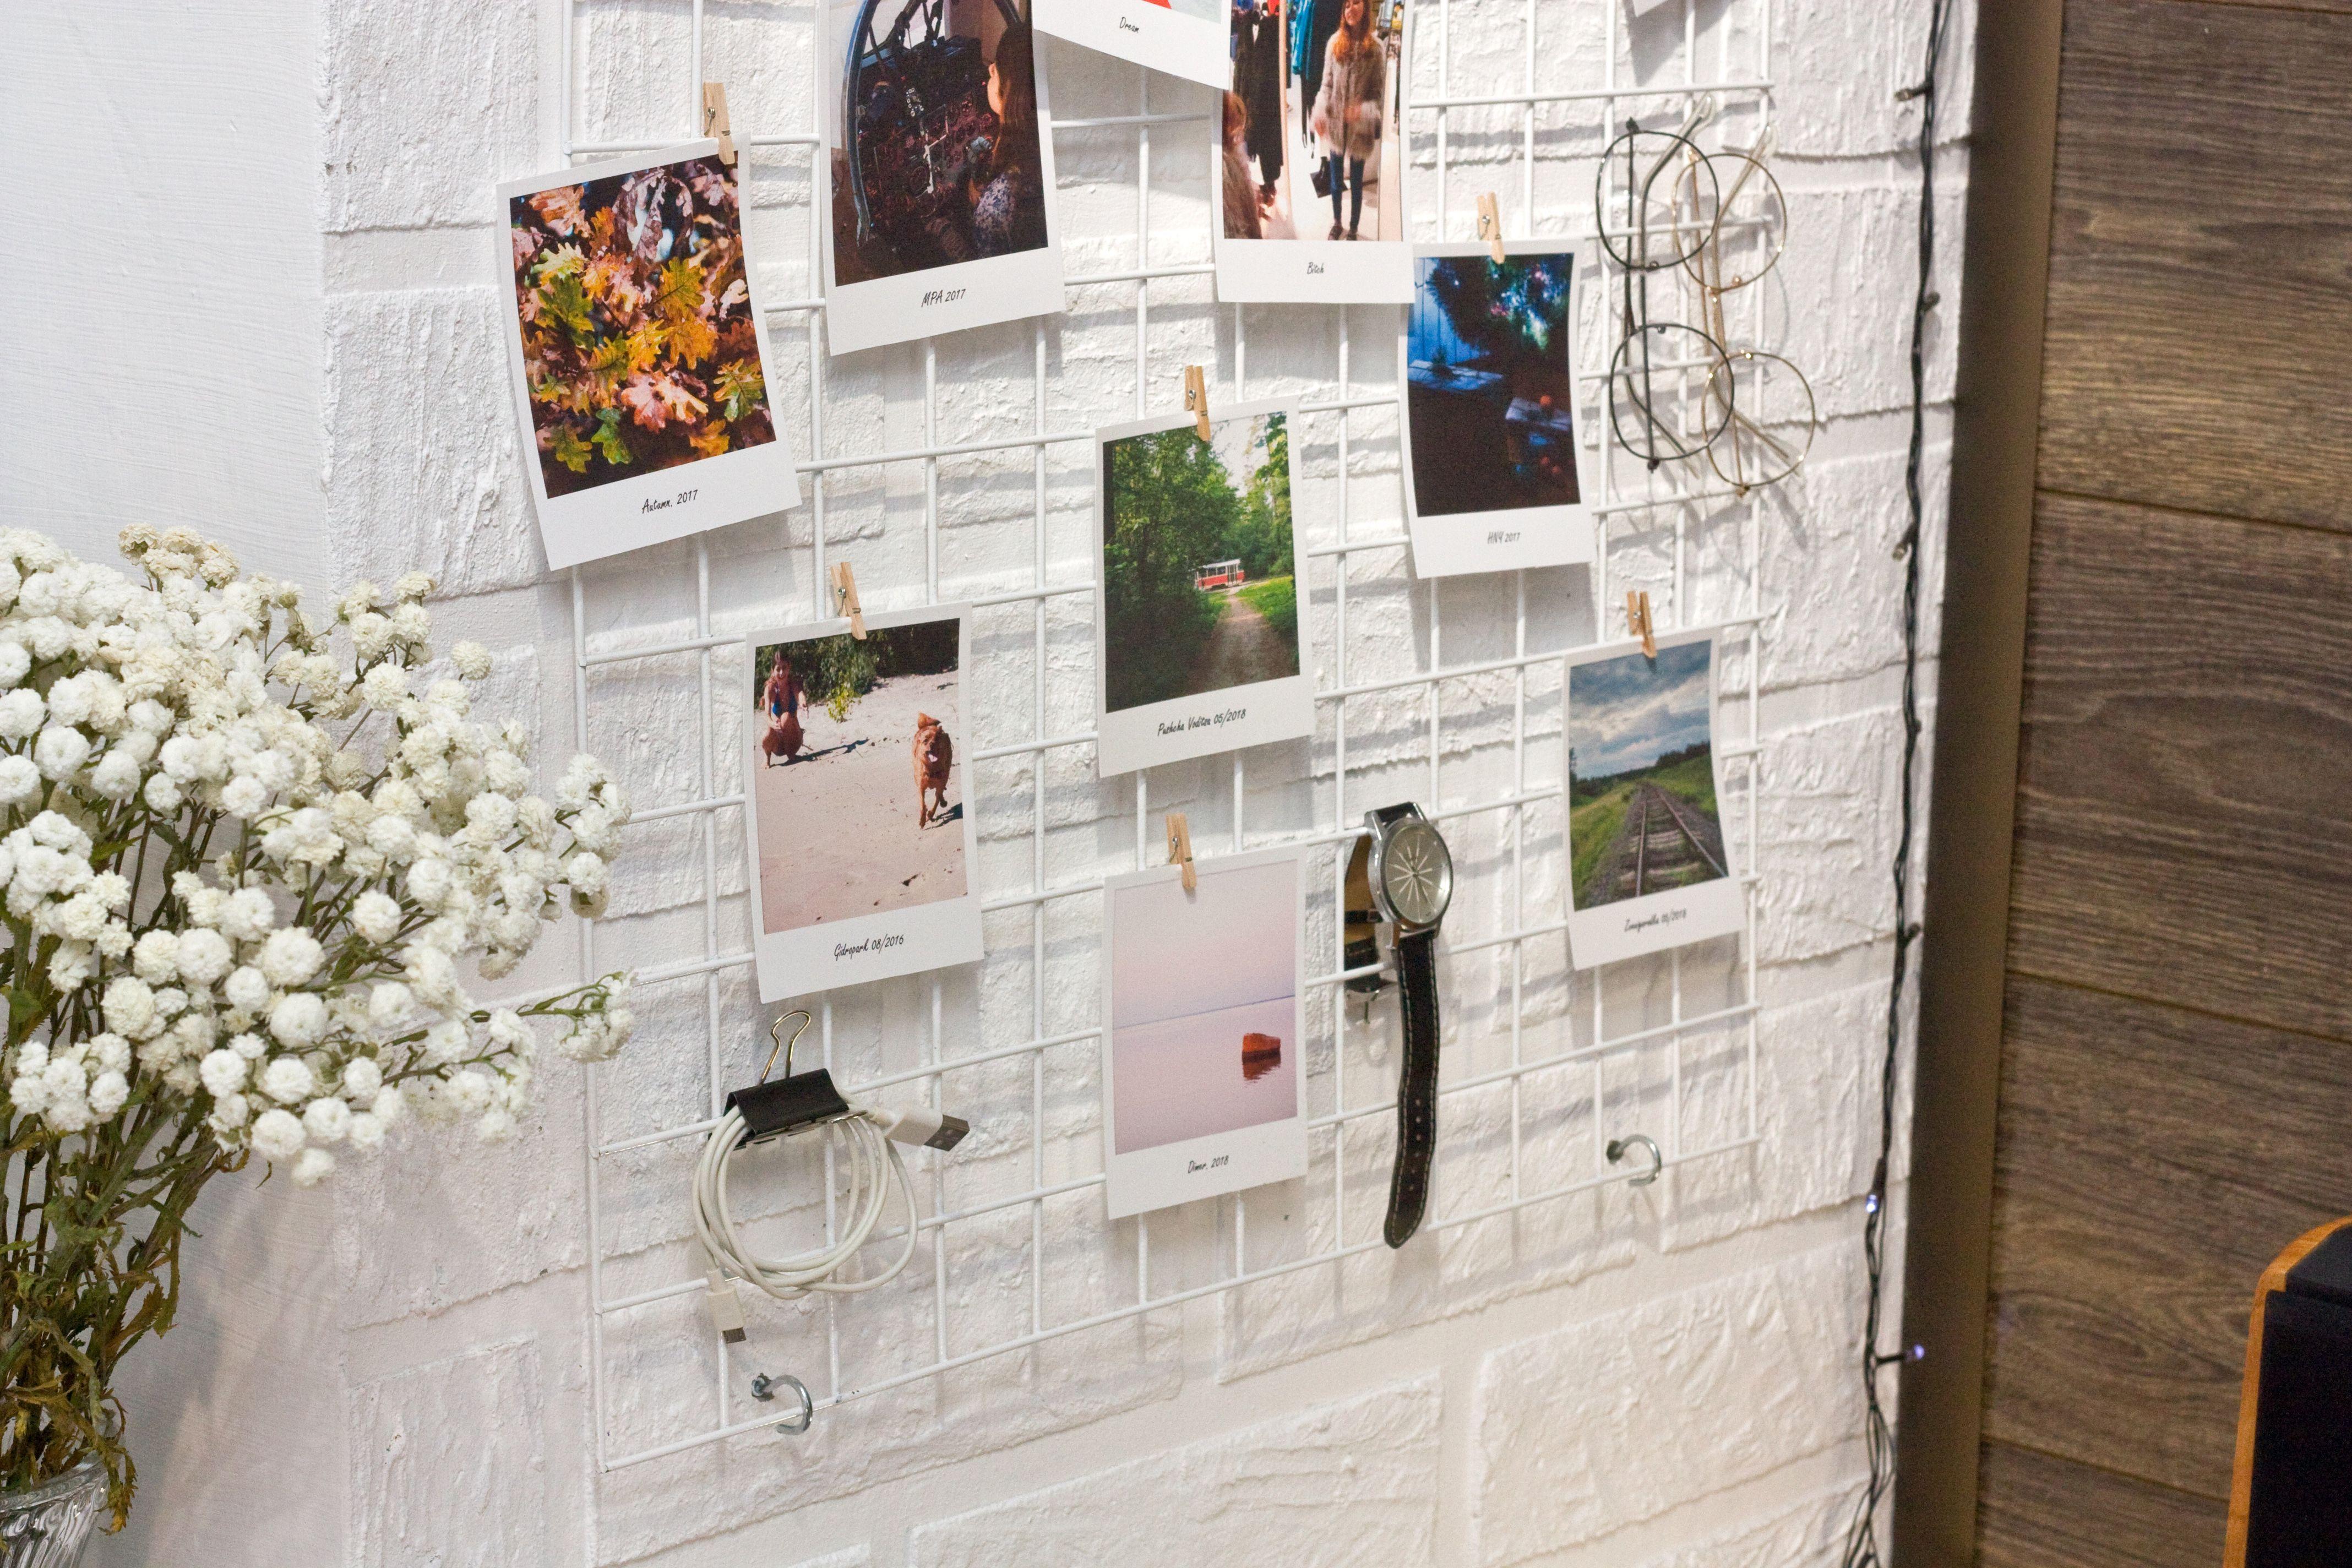 Оформление стены фотографиями [5 интересных вариантов]